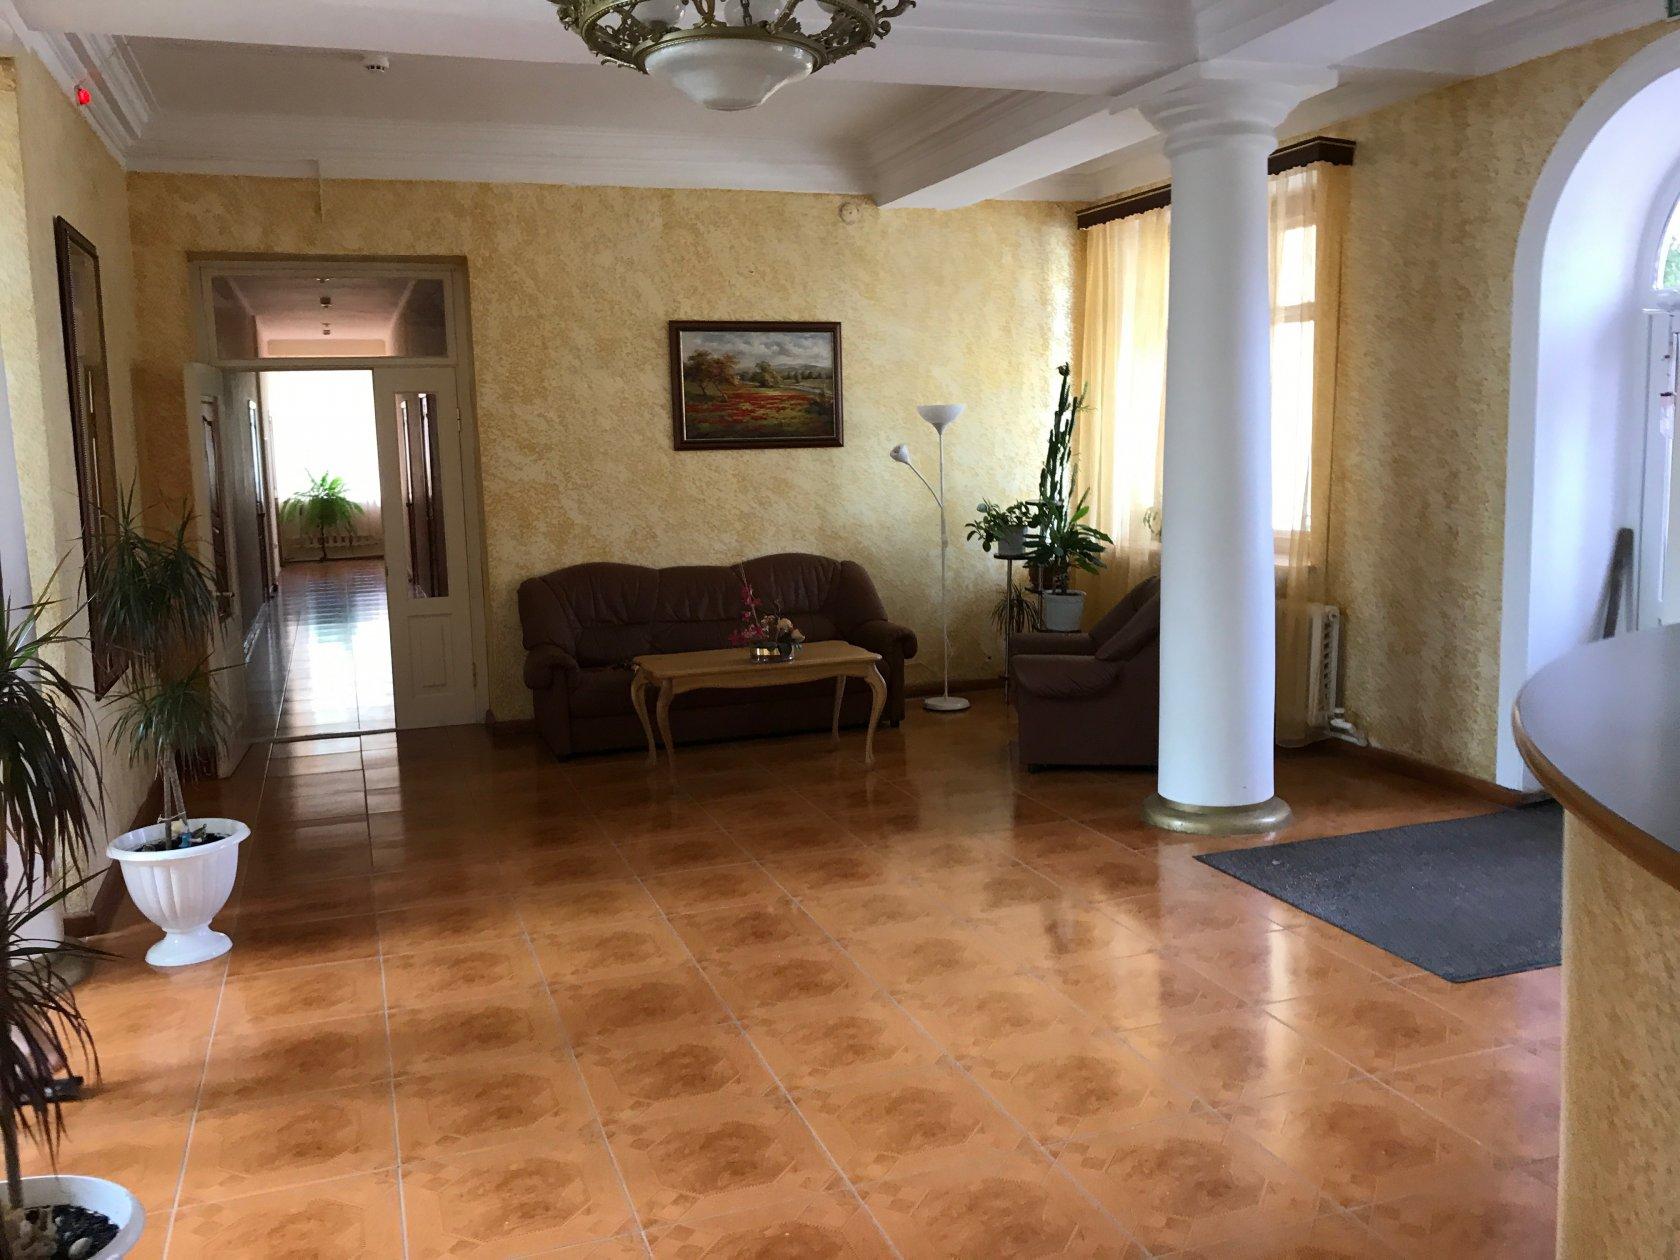 Частные дом престарелых в тольятти пансионат для пожилых в анапе